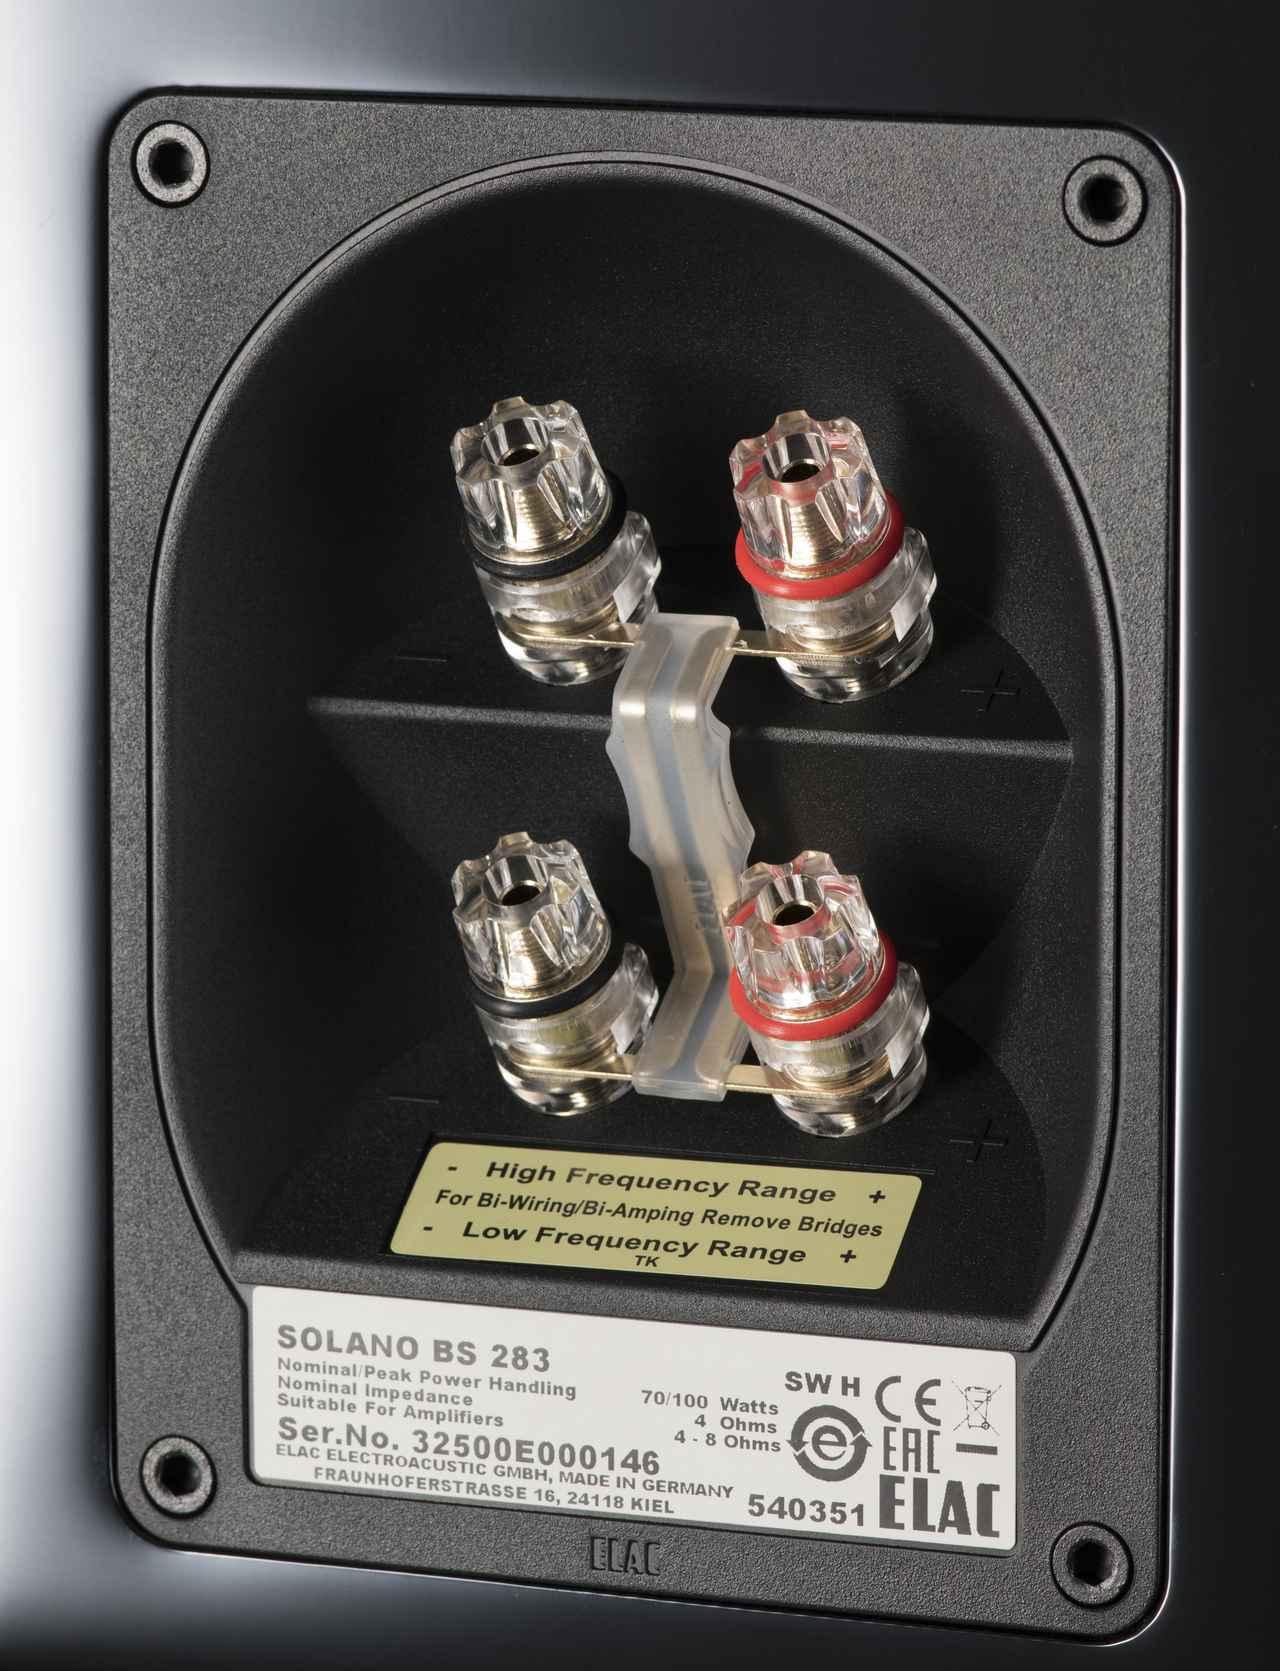 画像: スピーカー端子はバイワイヤリング接続に対応。ネットワークの帯域分割周波数は2.4kHzで、これはFS287やセンター用CC281とも共通している。ホームシアター用途として位相が揃った理想に近い状態でサラウンドシステムが組めるメリットもある。本体底面にバスレフポートを配し、本体とベースの隙間に音を放射する「ダウンファイヤー」方式を採用